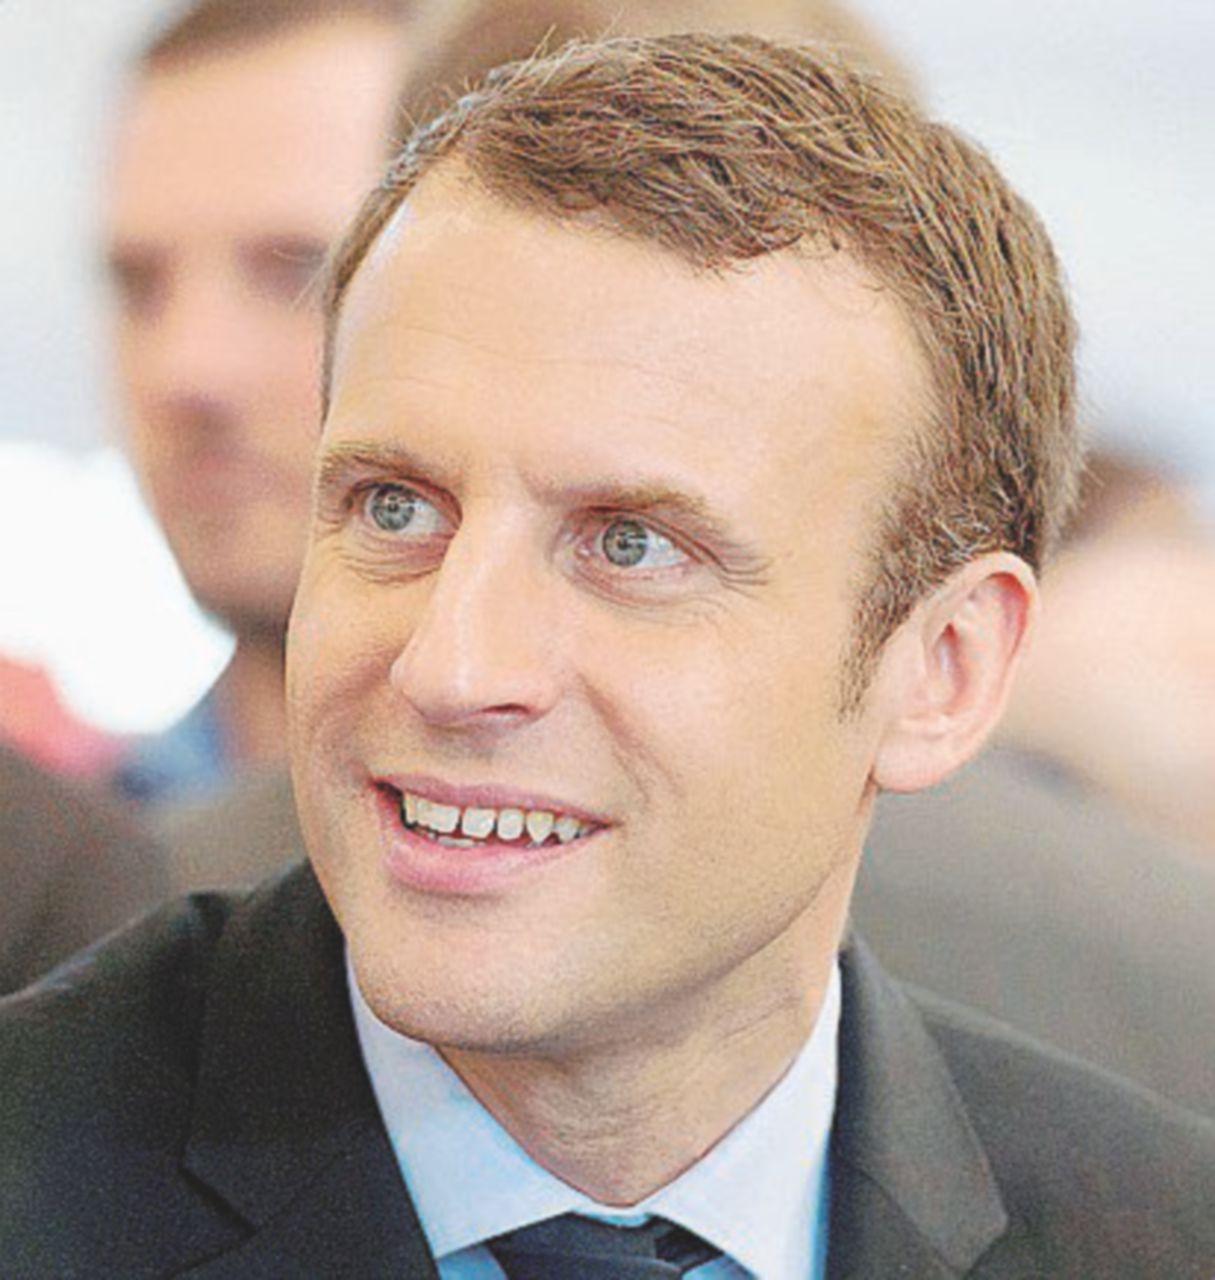 Macron En Marche! e Hamon s'arrabbia